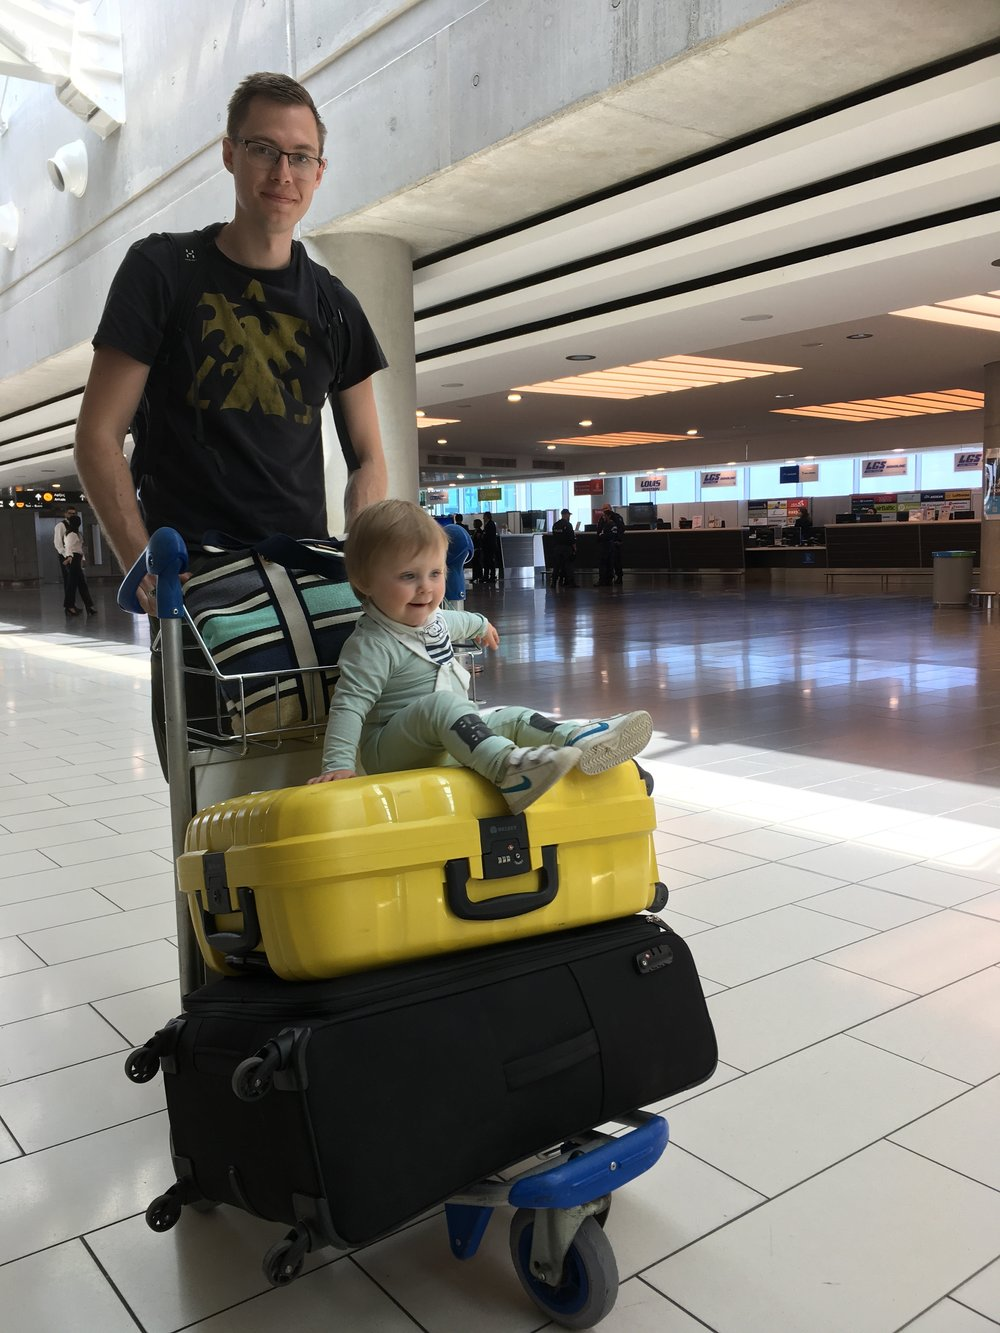 Superspännande att åka vagn på väskor!